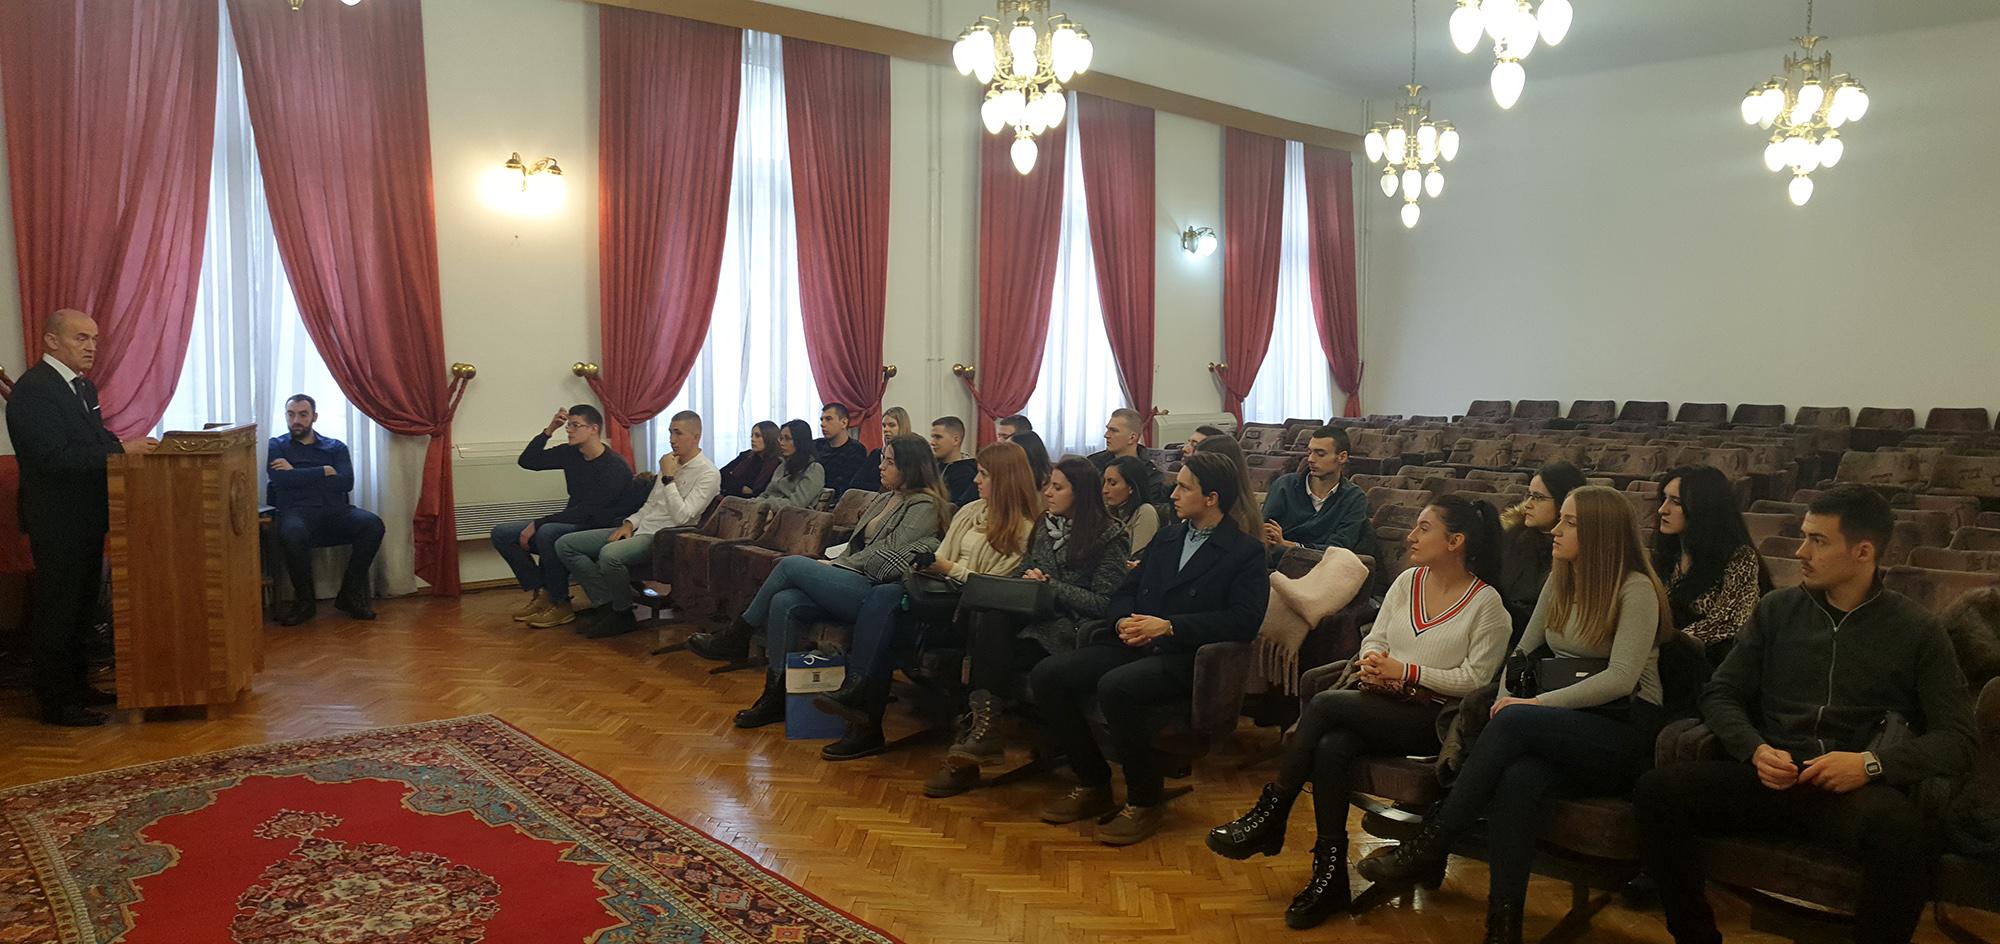 Saradnja studenata pravnih fakulteta Univerziteta u Sarajevu i Univerziteta u Banjoj Luci